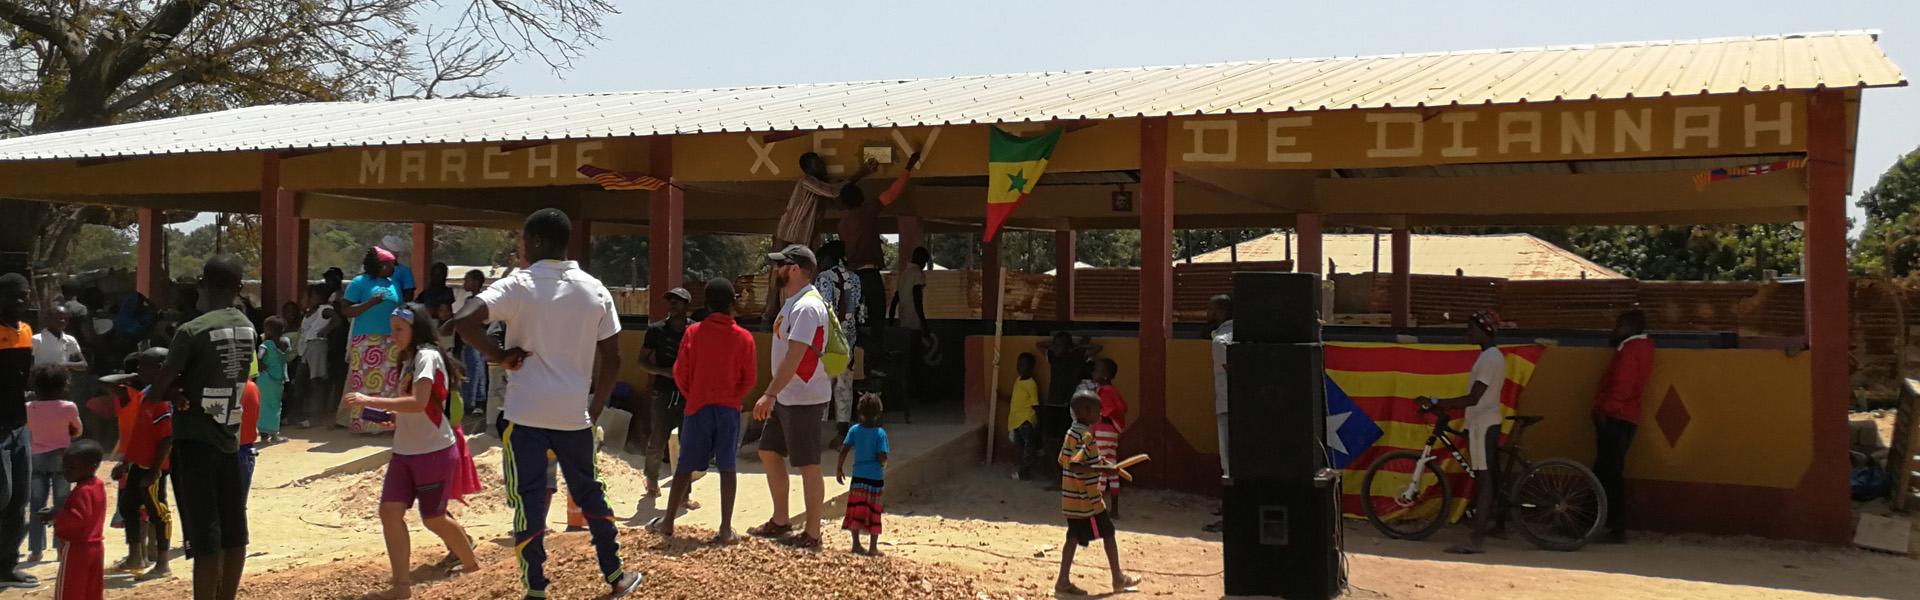 Inauguració del mercat de Diannah